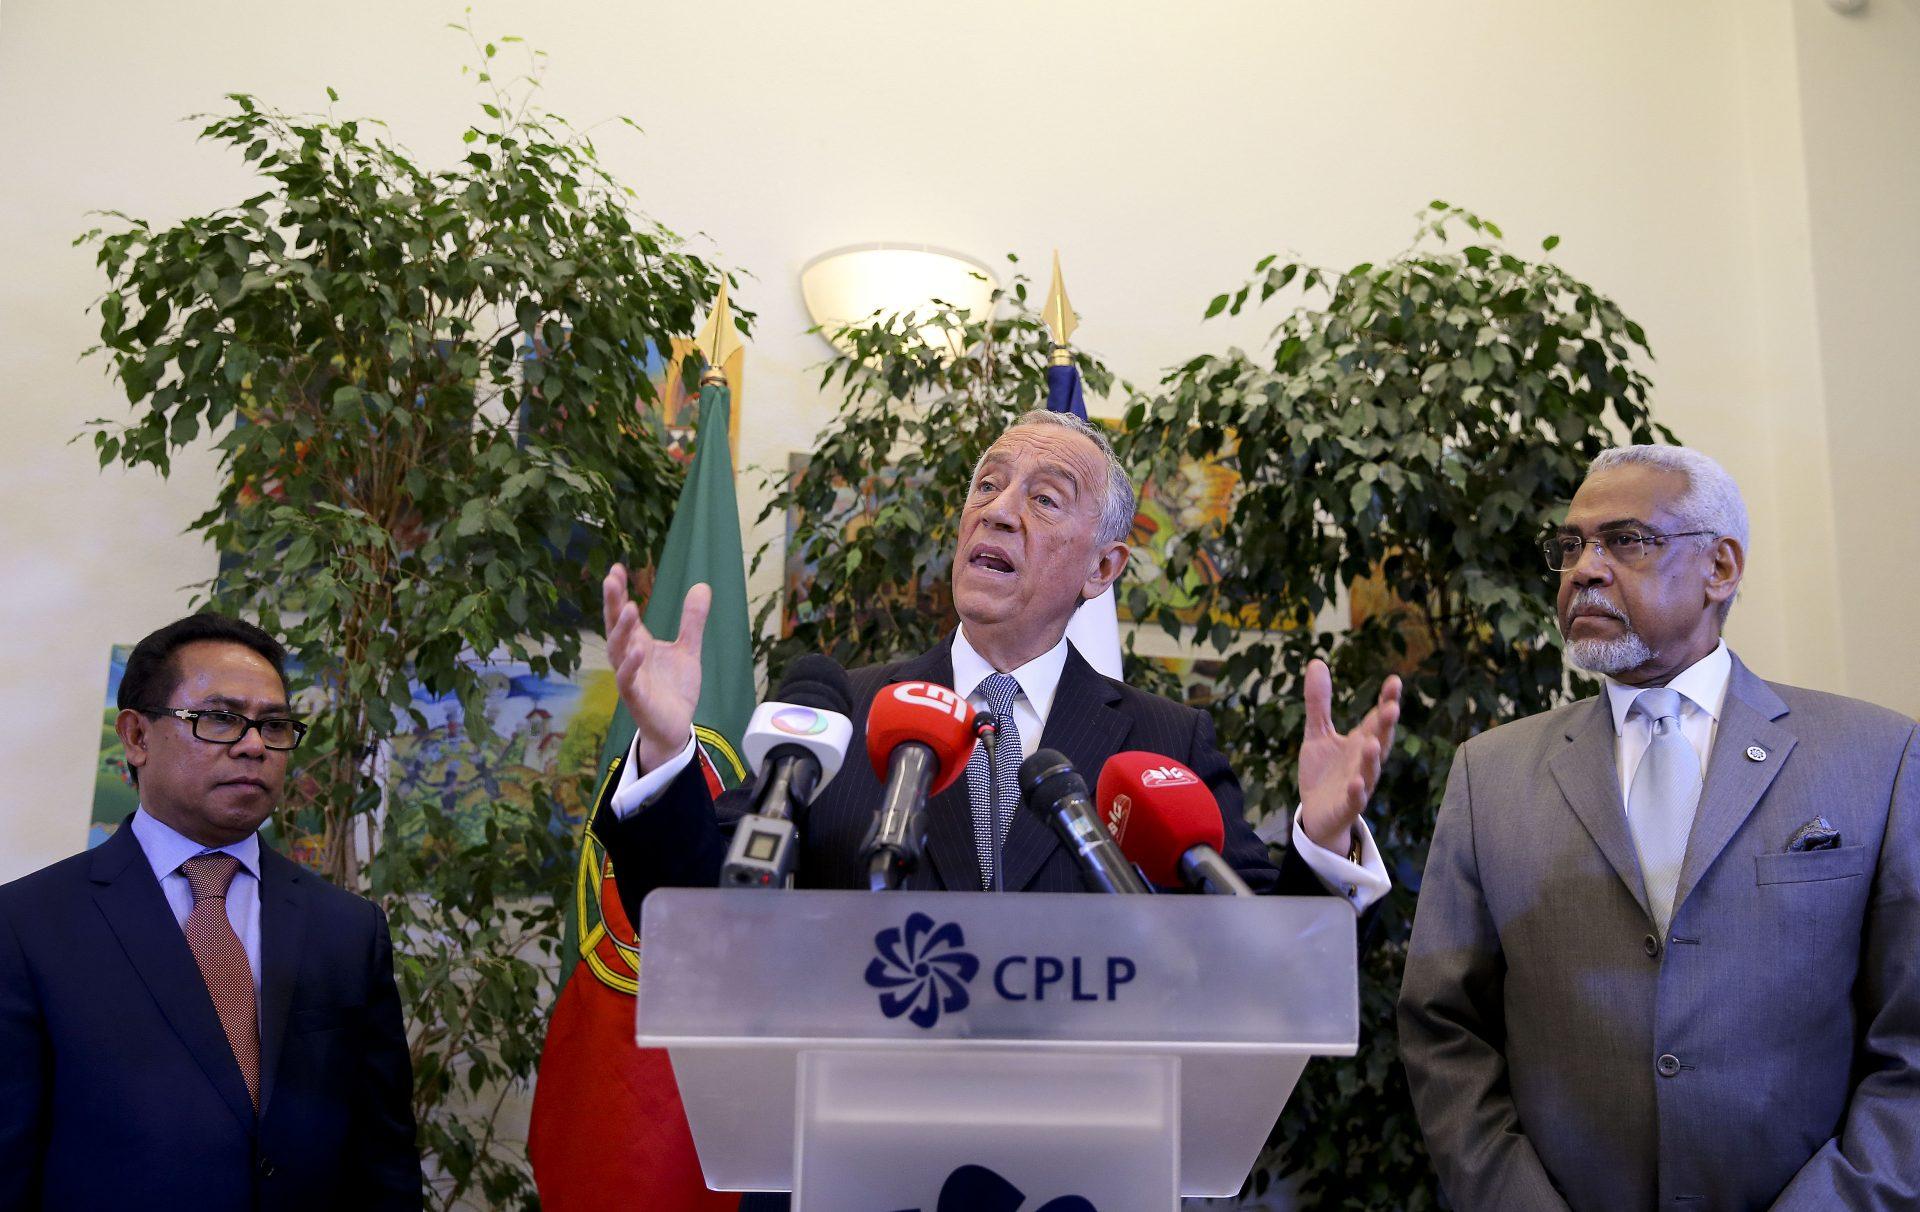 O Presidente da República, Marcelo Rebelo de Sousa (C), discursa durante a visita à sede da Comunidade dos Países de Língua Portuguesa (CPLP) em Lisboa, 14 de março de 2016. JOÃO RELVAS / LUSA